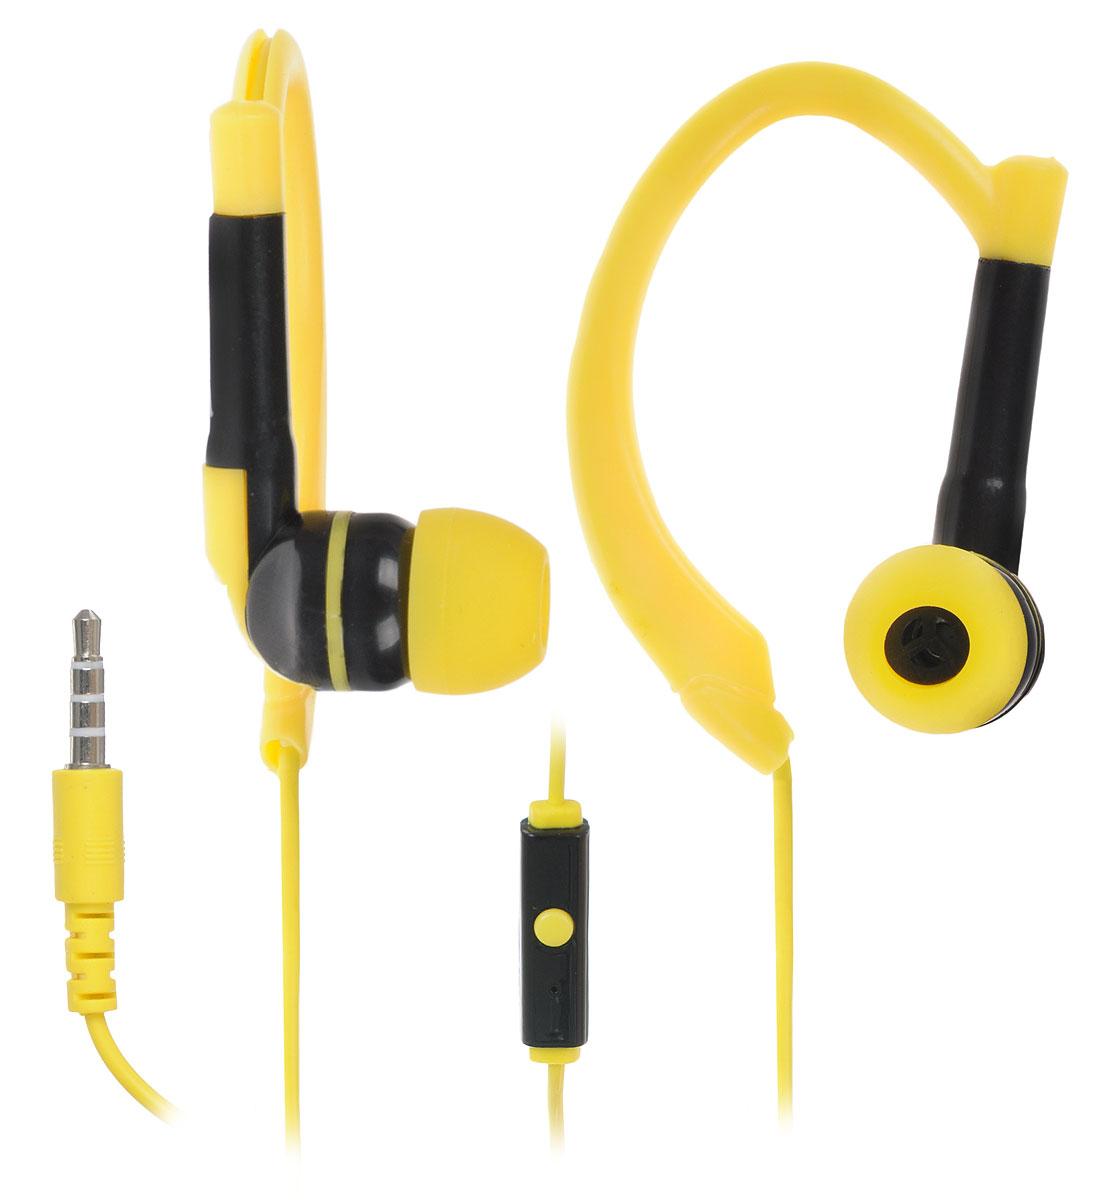 TNB ESSPBEBK, Black Yellow наушникиESSPBEBKМодель TnB ESSPBEBK имеет современный стильный и сдержанный дизайн, который придется по душе всем пользователям. Помимо достойных технических и эстетических характеристик, для данных наушников характерна надежность, достаточно долгий срок службы и приемлемая цена.